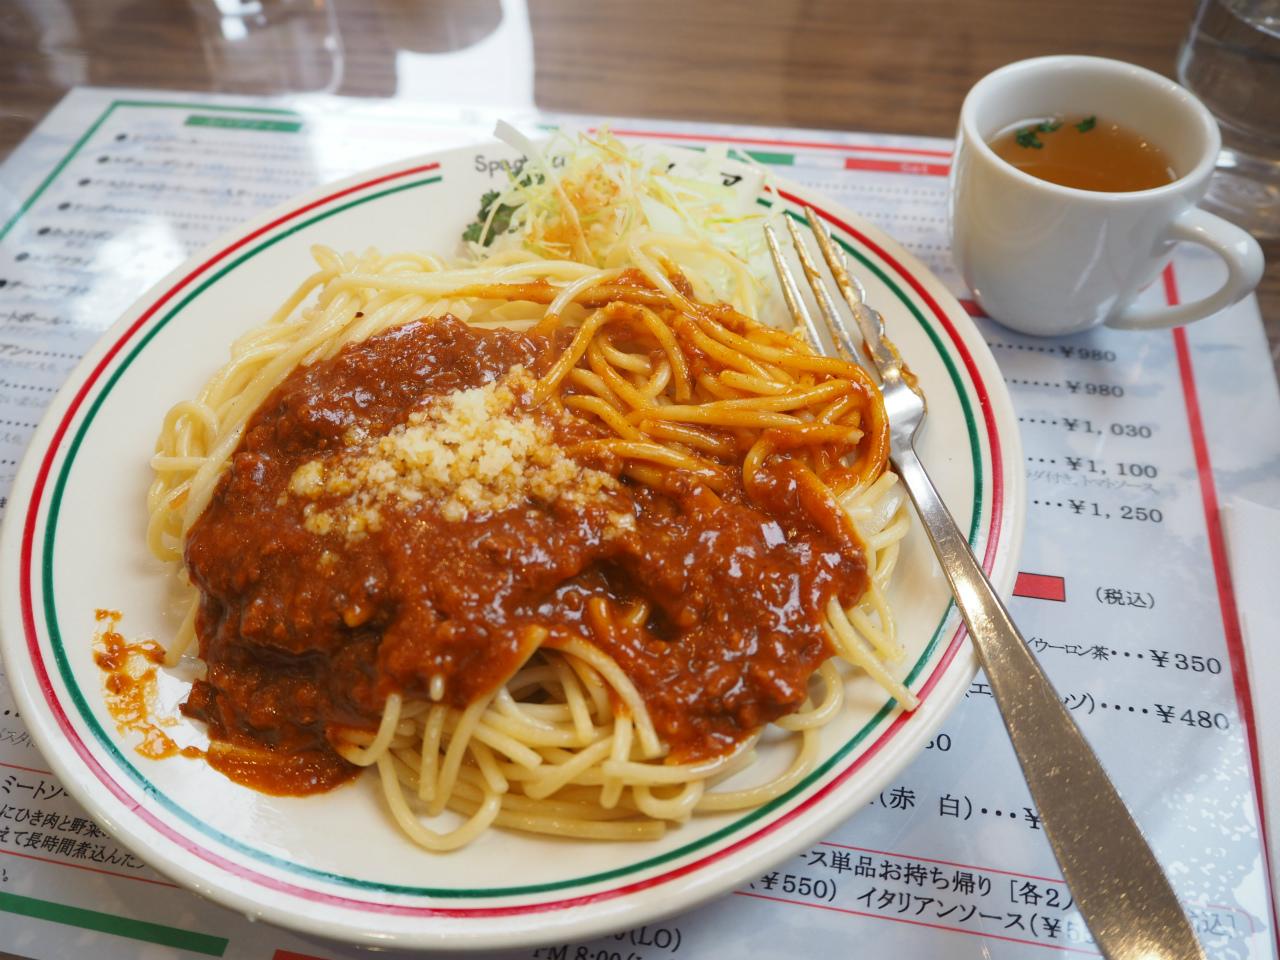 福井駅前浪漫飛行2「ここで駅前の続きをしましょうよ」イタリア宮崎夫妻